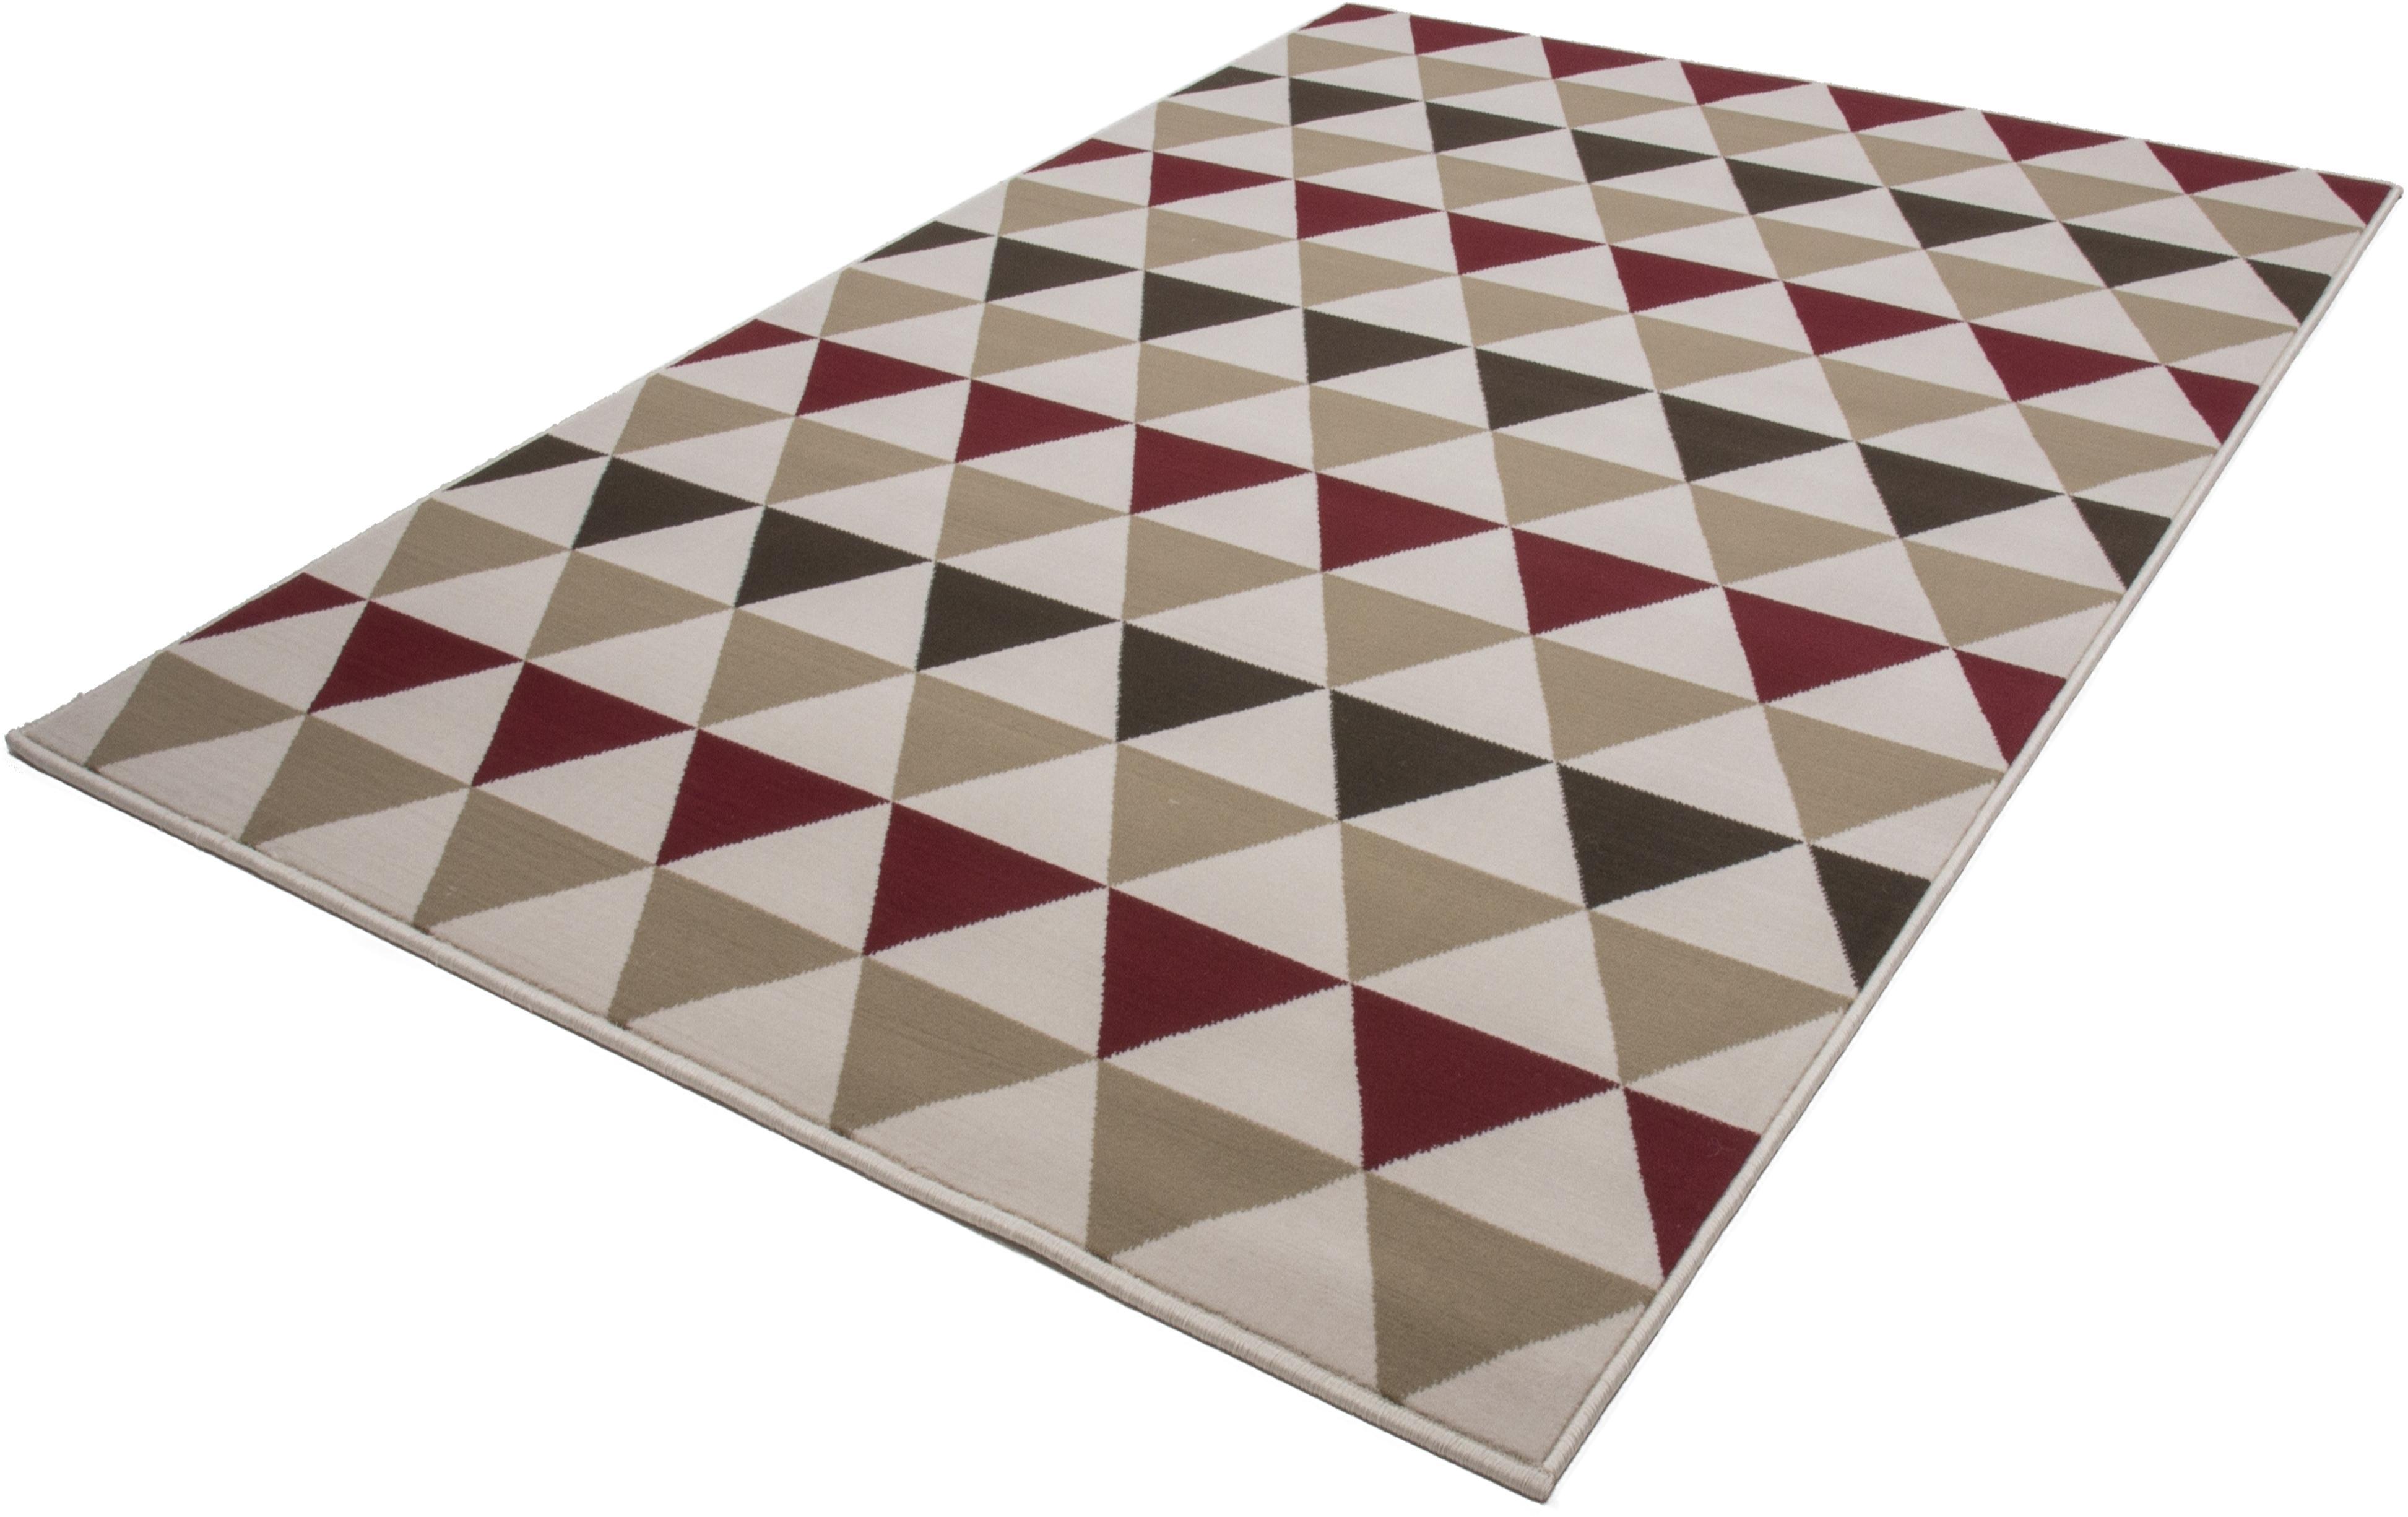 Teppich Now! 800 Kayoom rechteckig Höhe 10 mm